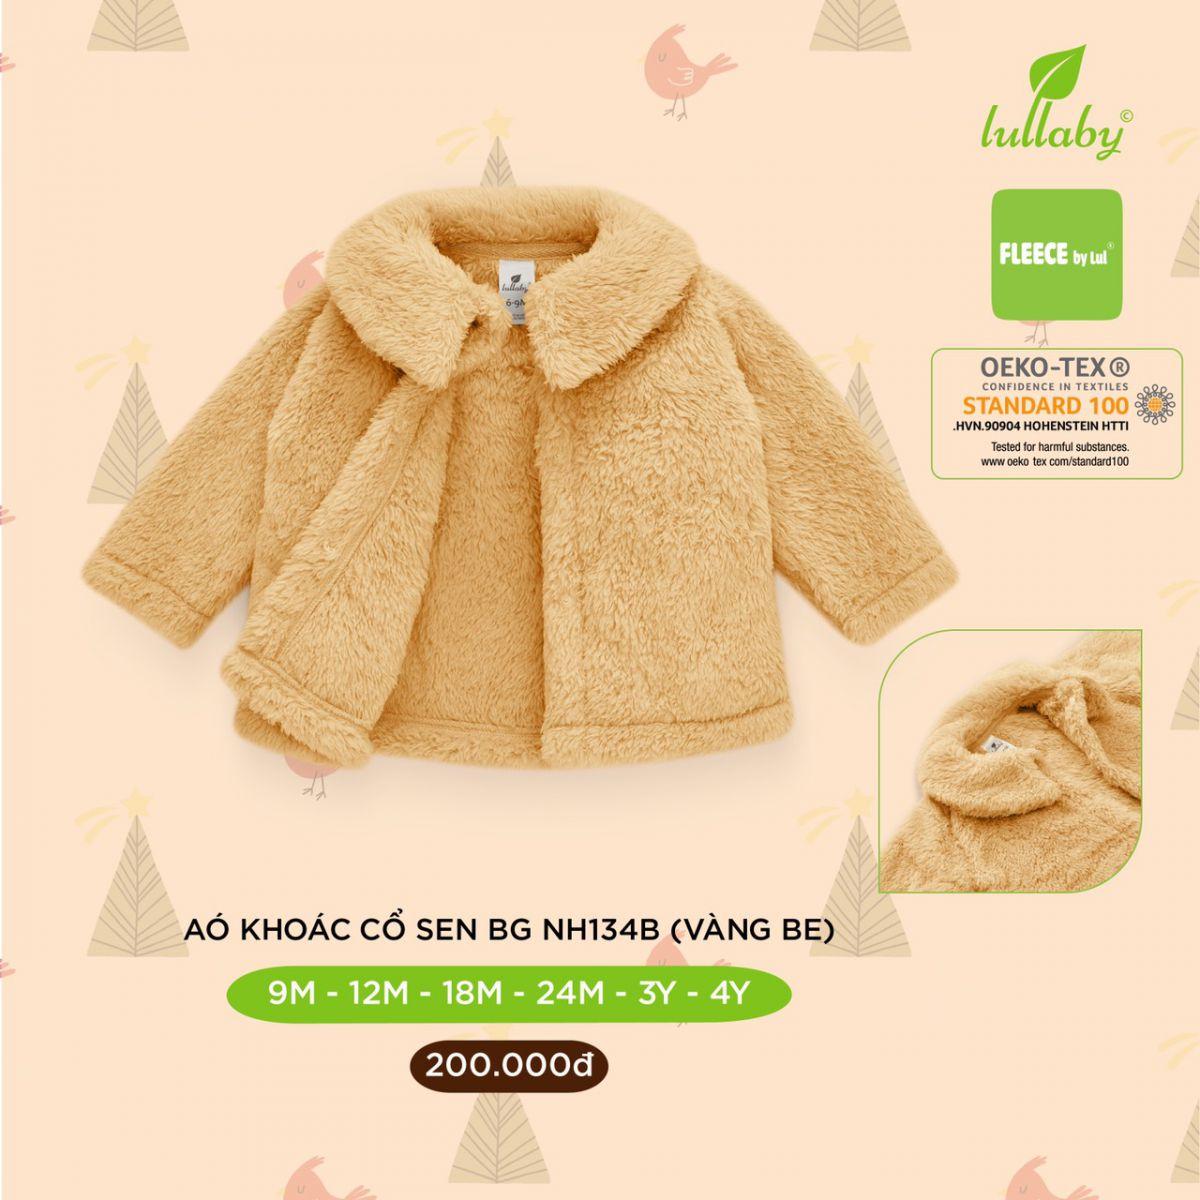 NH134B.1 - Áo khoác lông cho bé gái cổ sen Lullaby màu vàng be